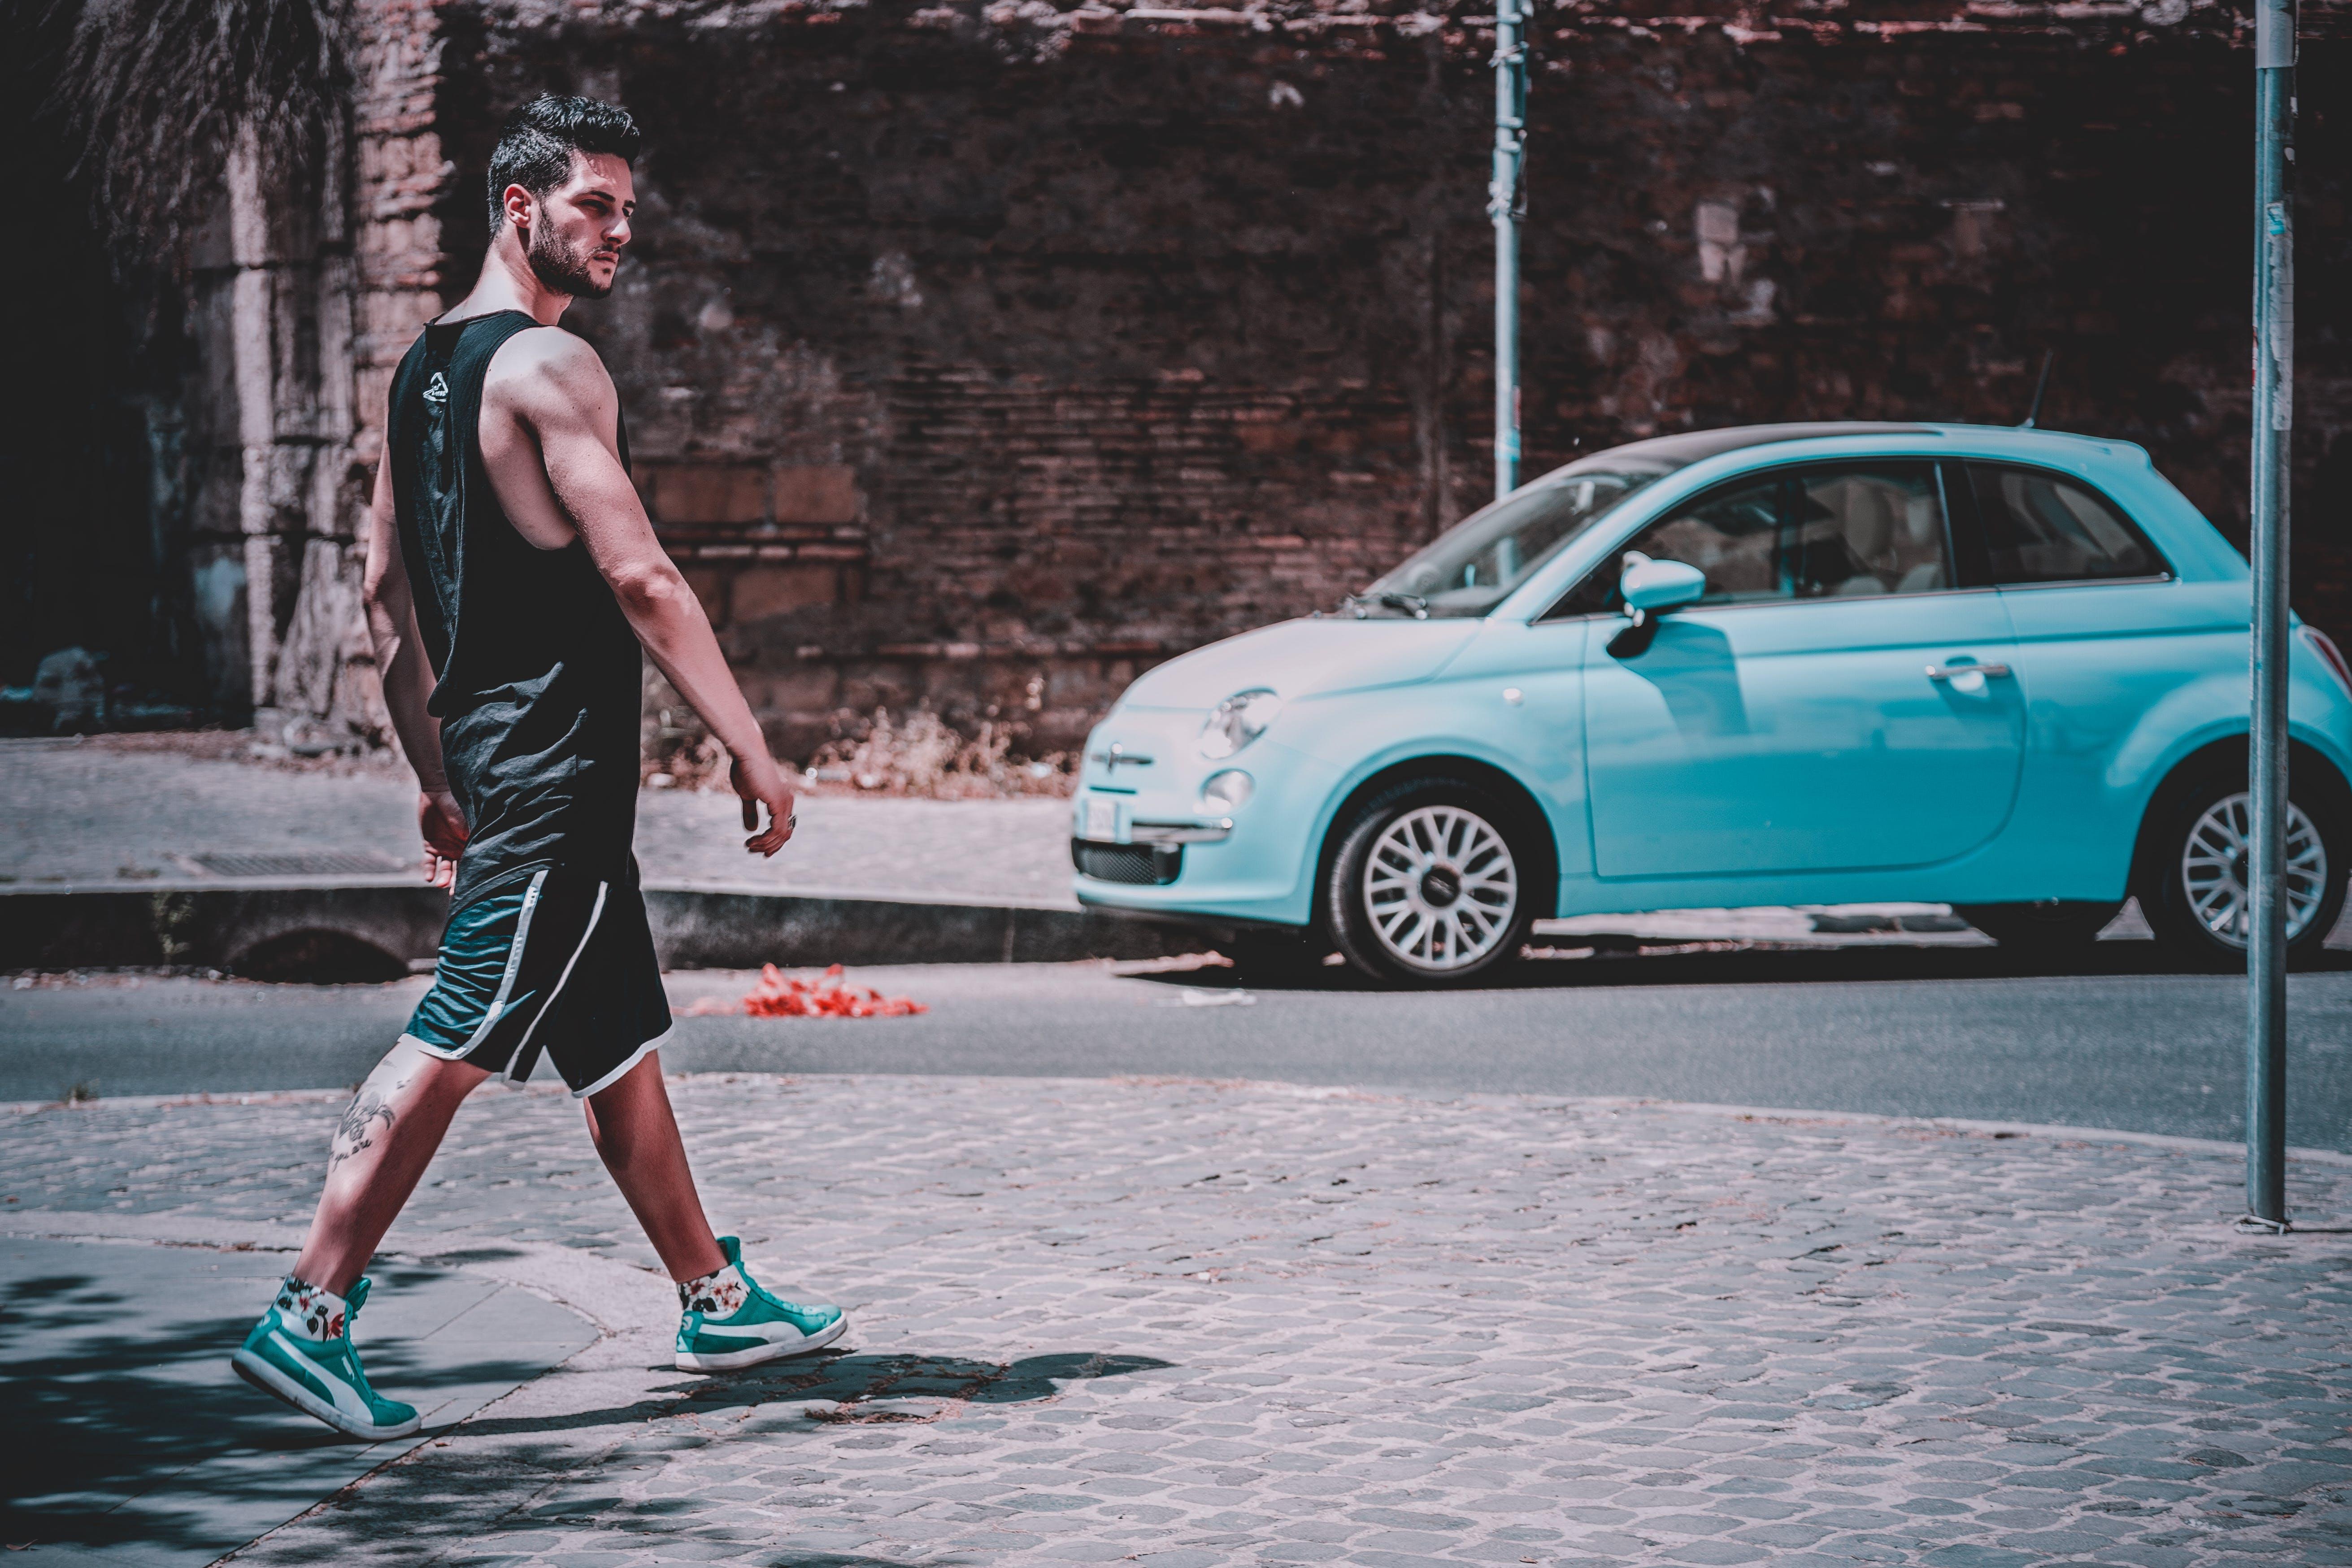 おとこ, 人, 歩く, 車の無料の写真素材